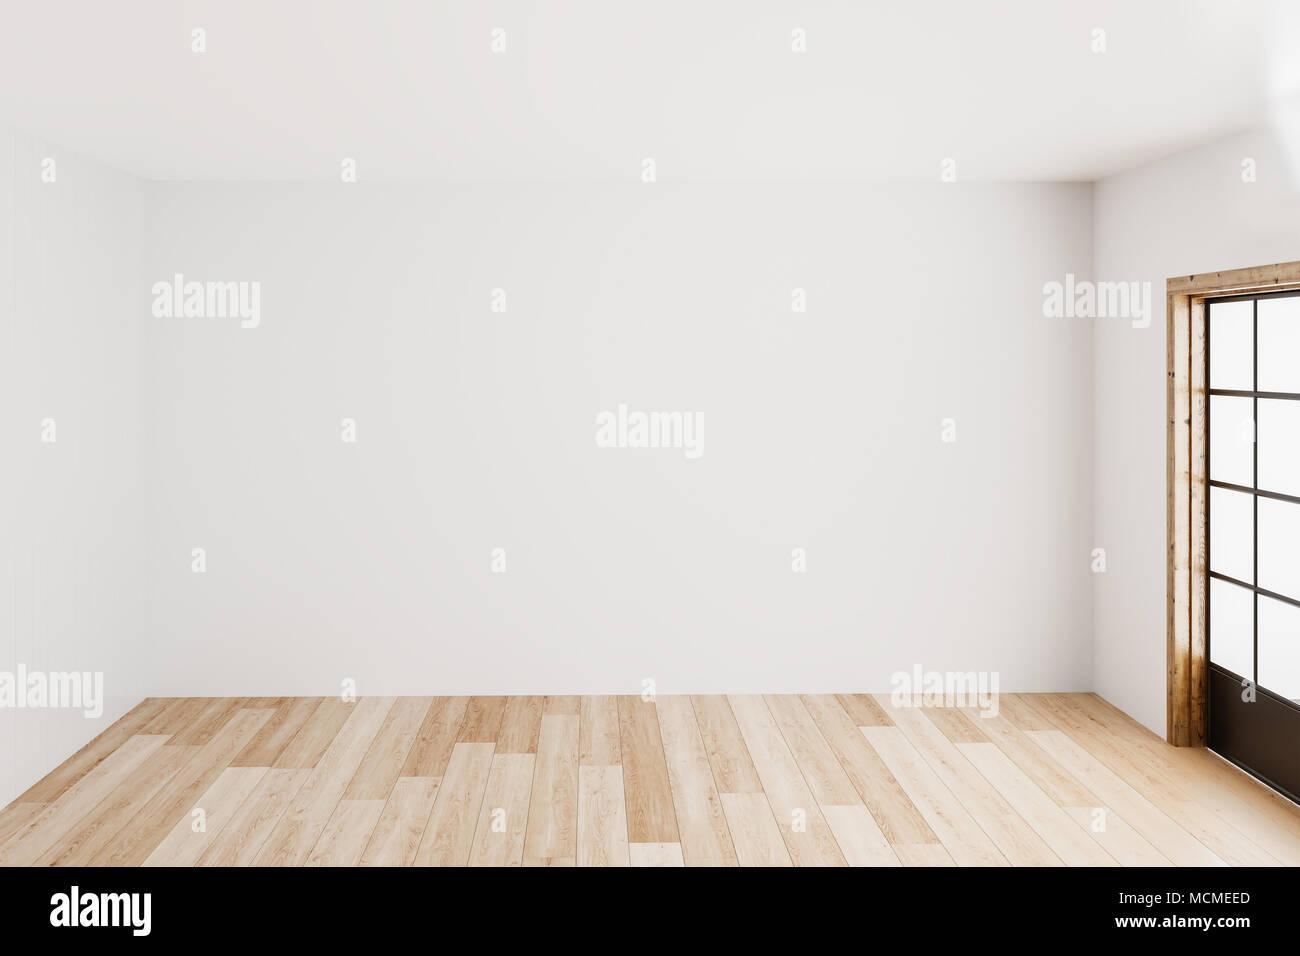 Leer einfach Innenraum Hintergrund leer weiße Wände Ecke und weißem Holz, modern, 3D-Rendering. Stockbild